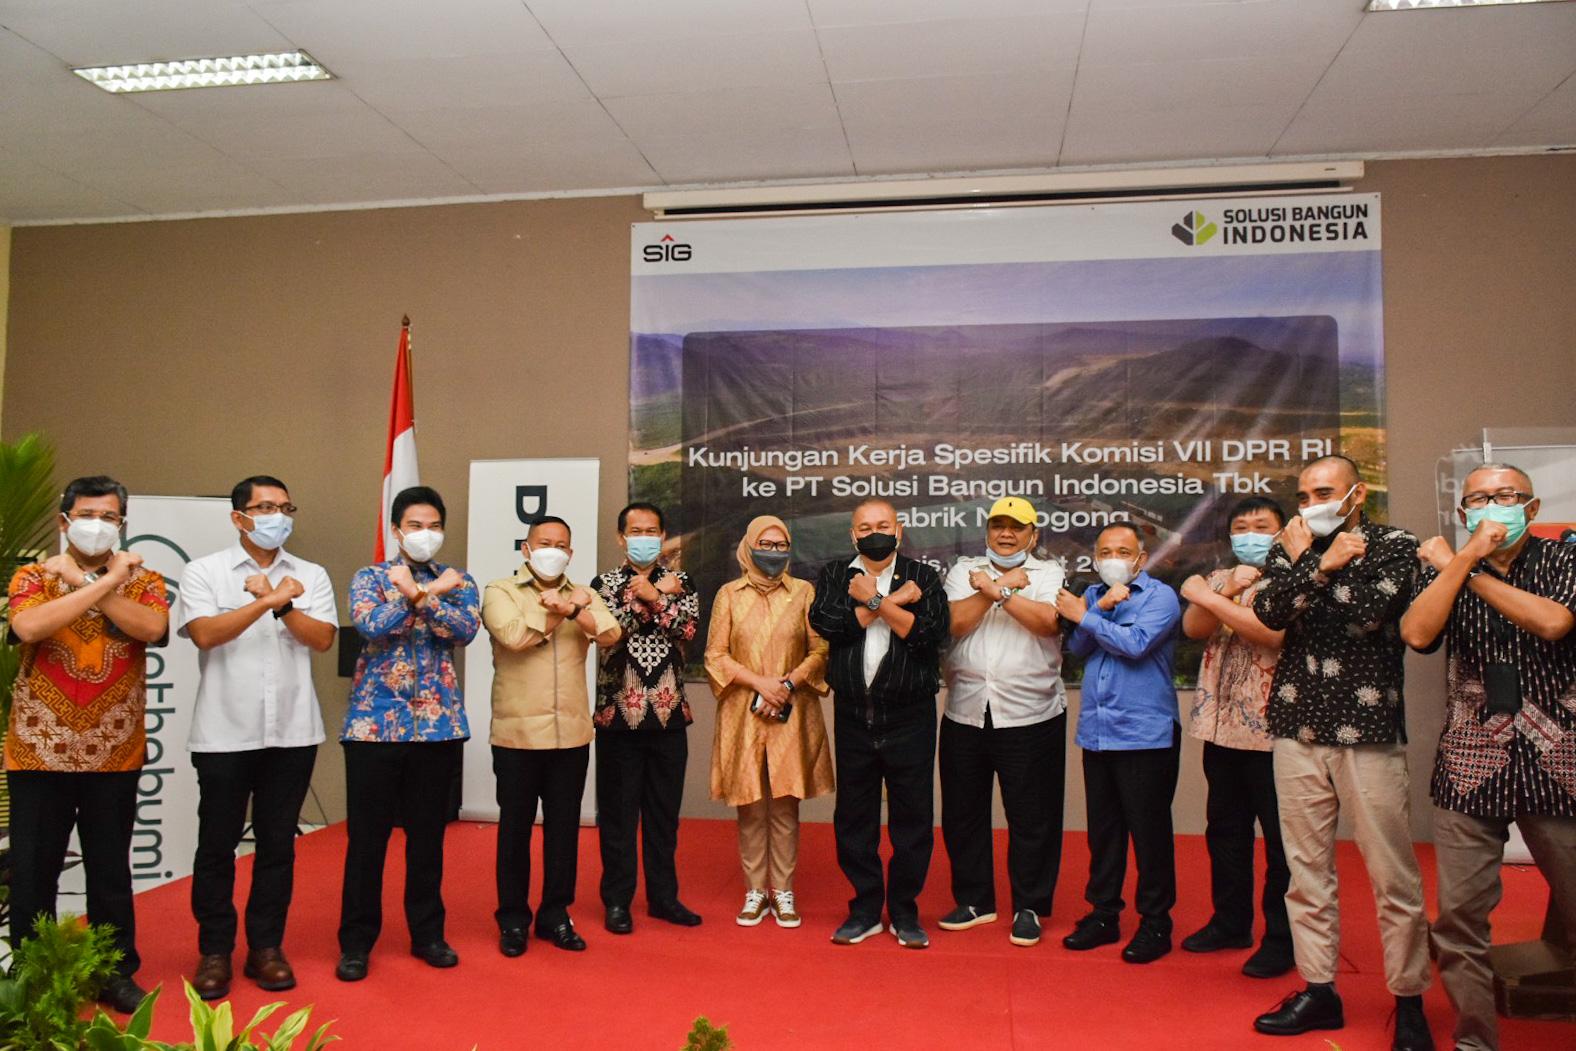 Kunjungan Spesifik Komisi VII DPR RI ke PT. Solusi Bangun Indonesia Tbk bertujuan untuk mendapatkan informasi tentang perkembangan pembangunan di daerah, Bogor (25/03/2021) (NS)